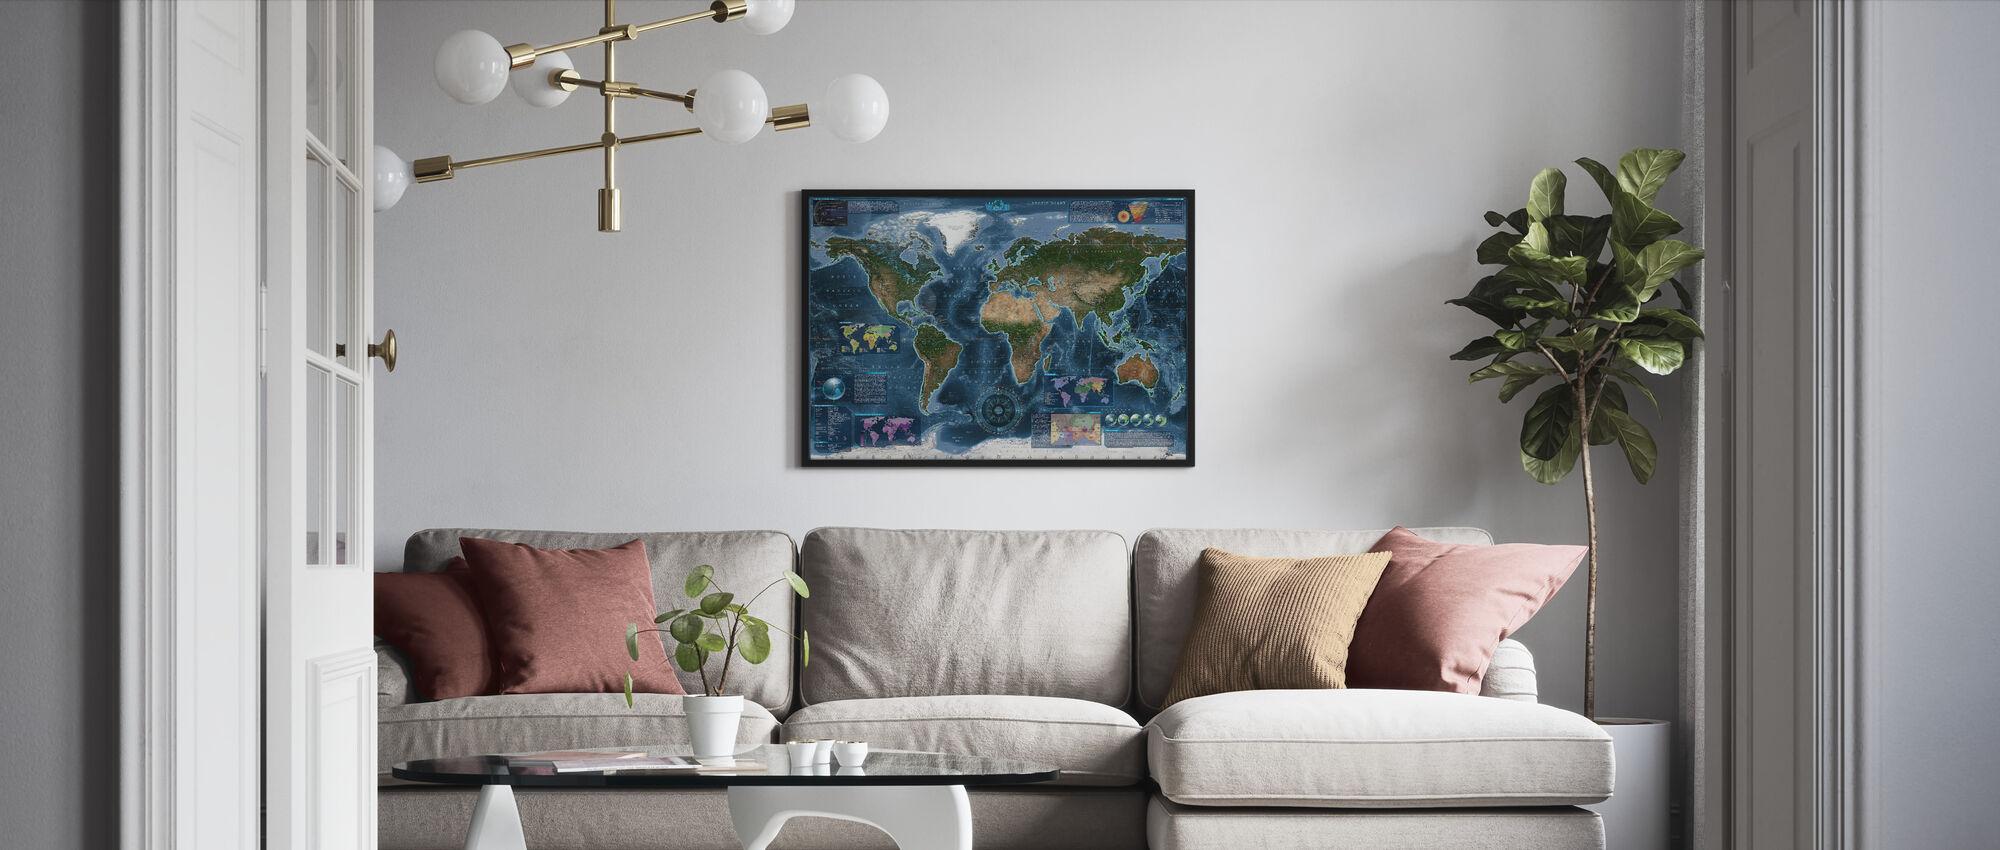 Satelite Map Infographic - Framed print - Living Room